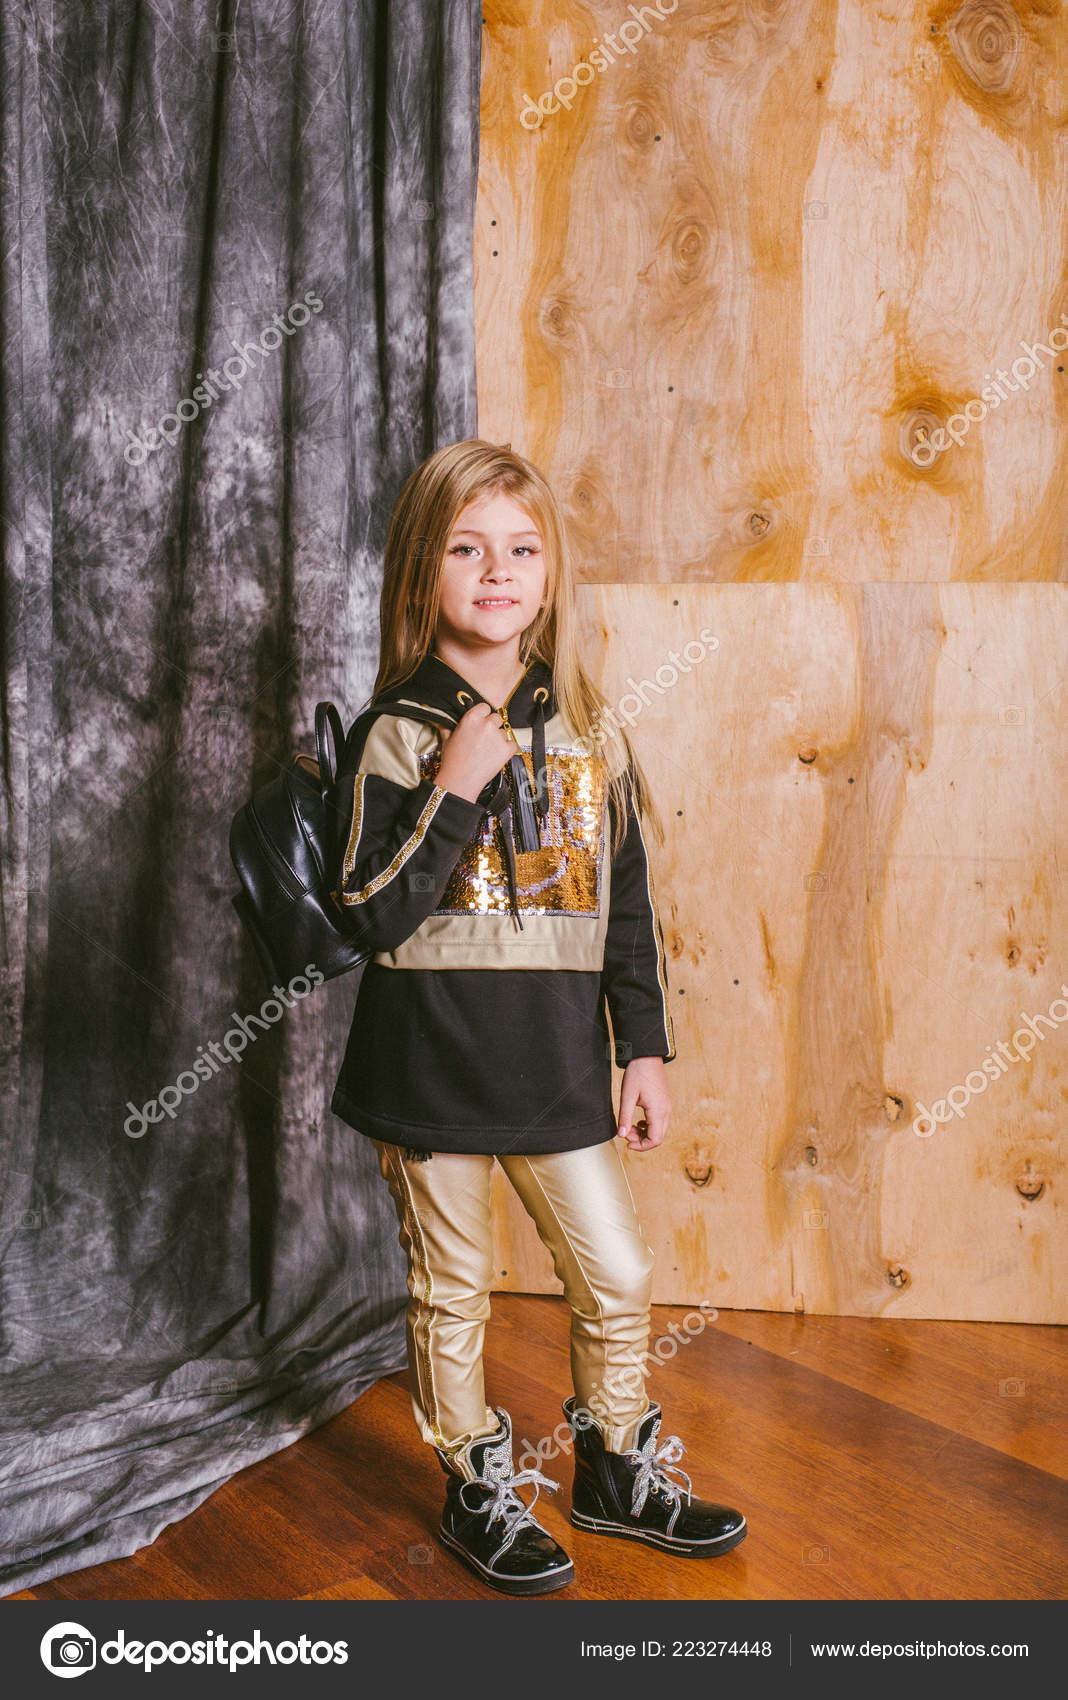 Kleine Süße Mädchen Mit Blonden Haaren Modischen Leggings Mit Gold